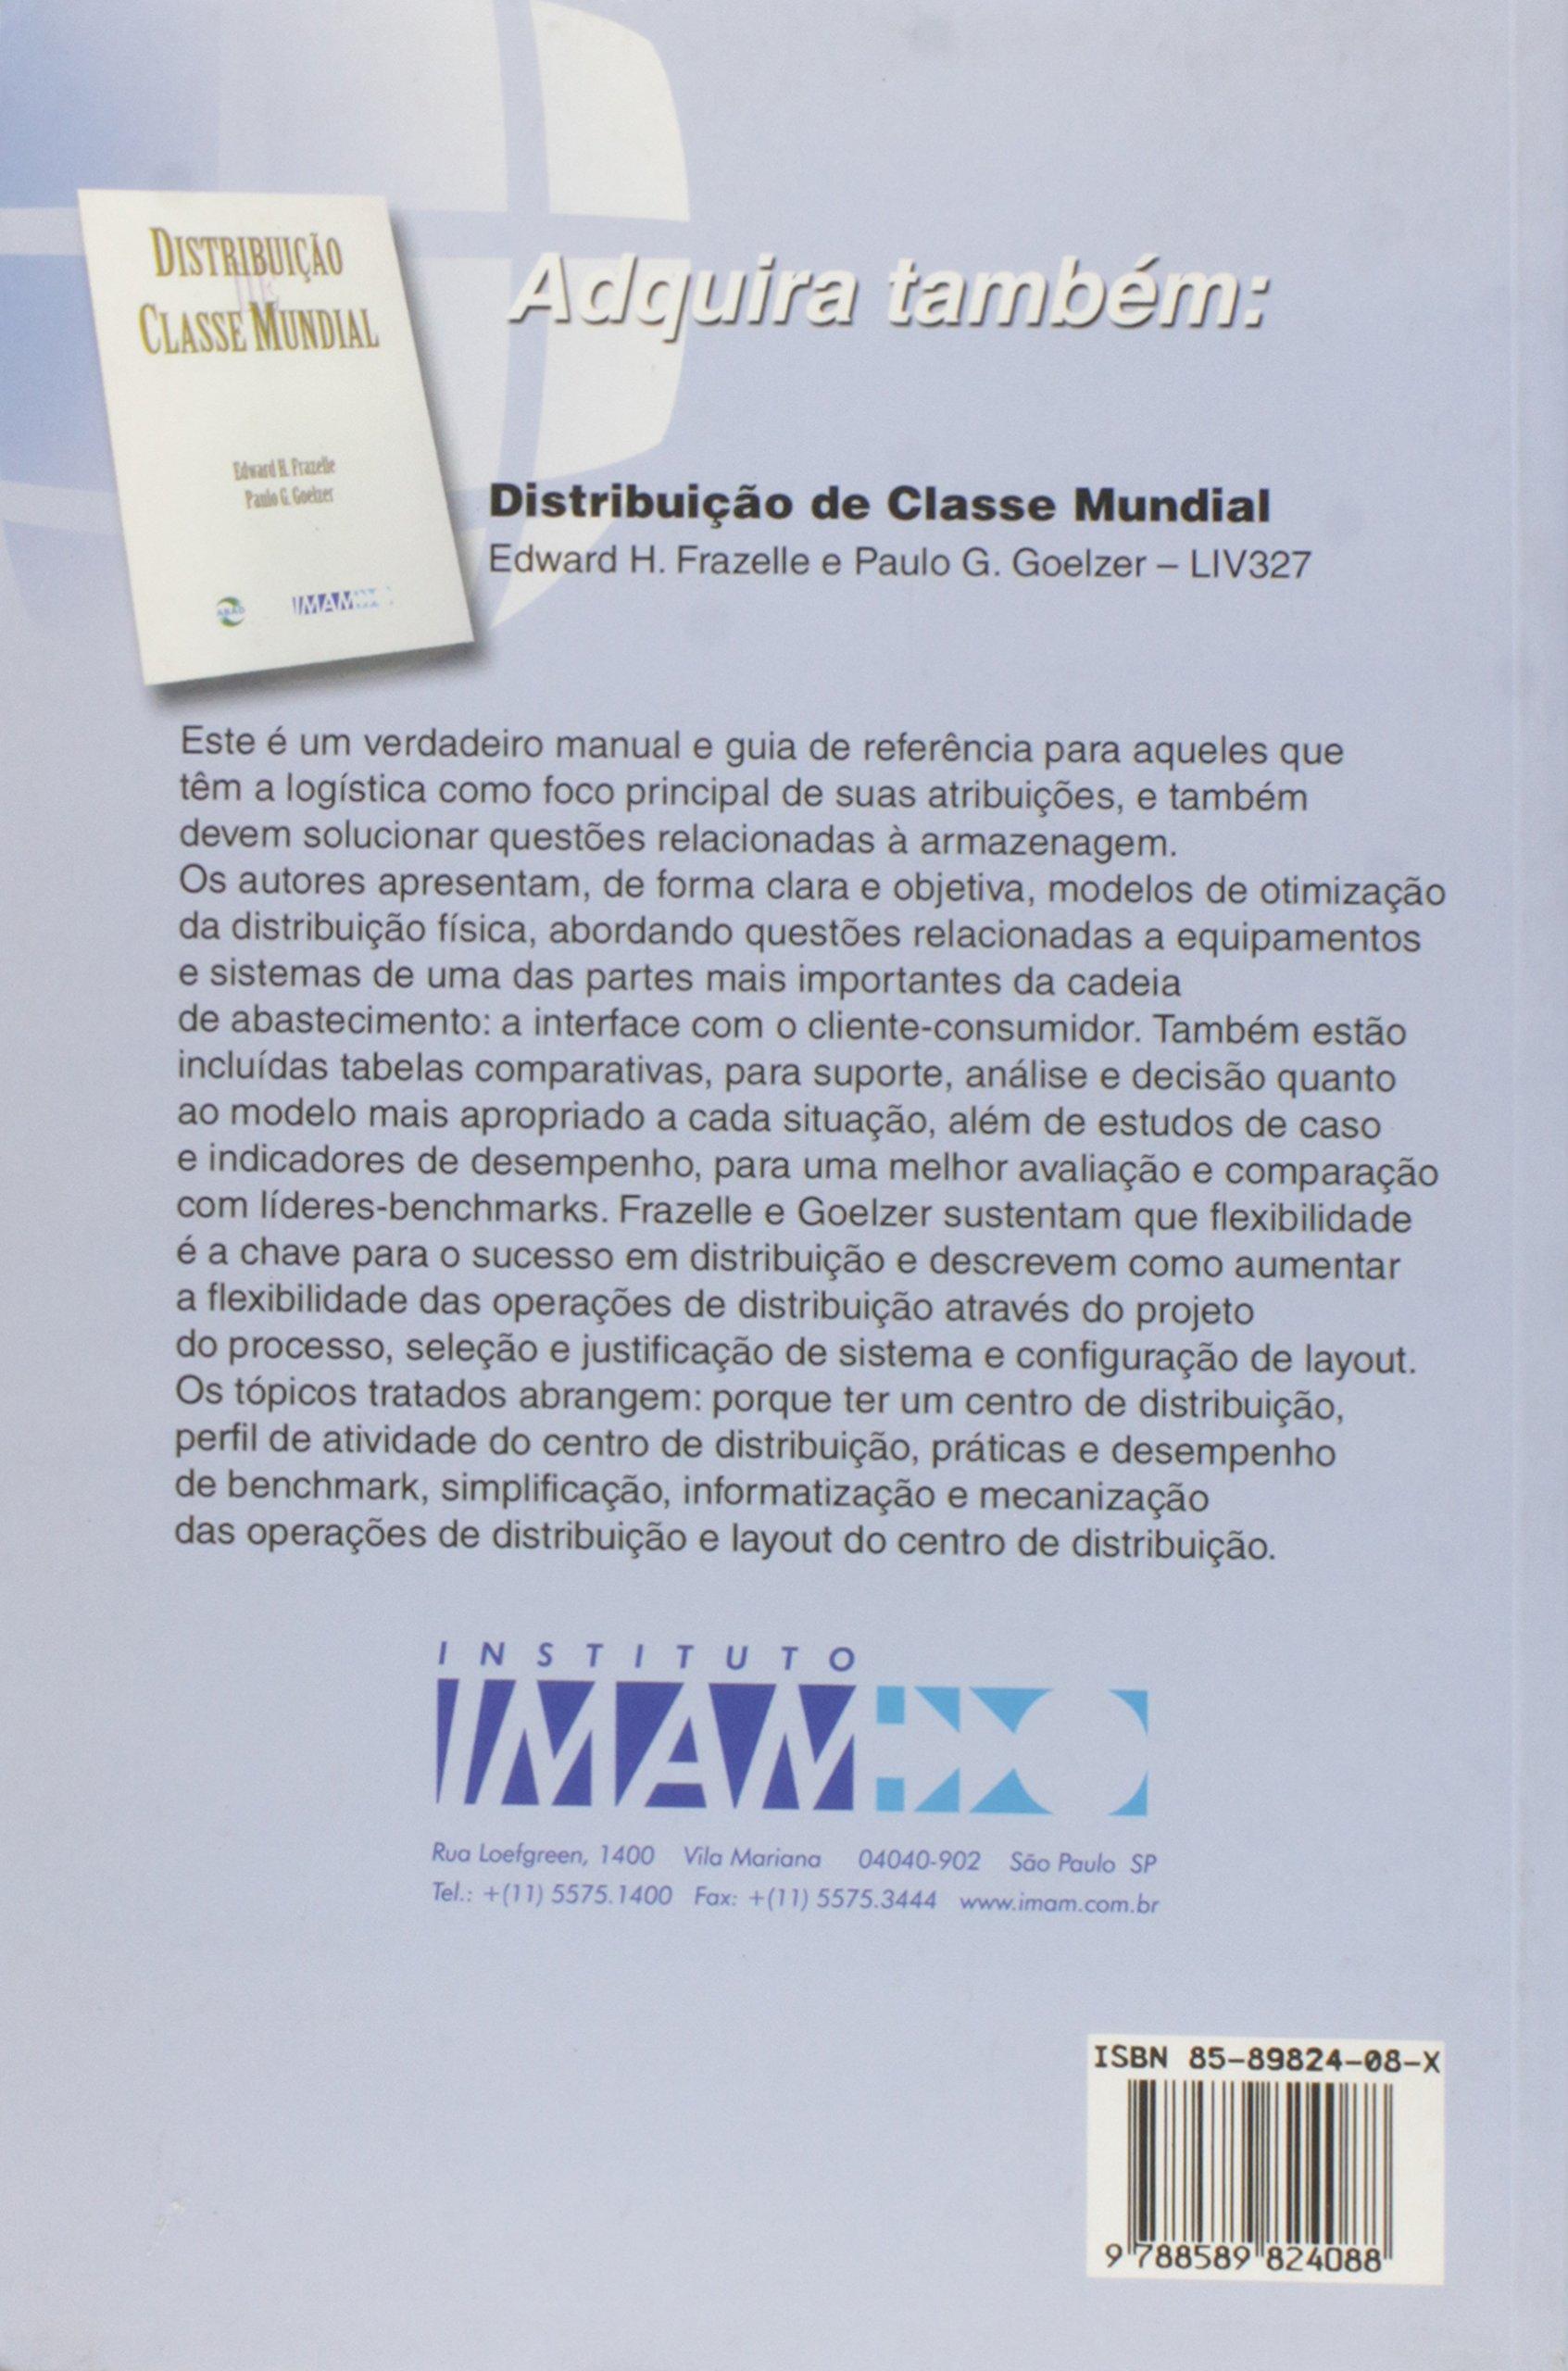 SEPARACAO DE PEDIDOS: Reinaldo A. Moura: 9788589824088: Amazon.com: Books